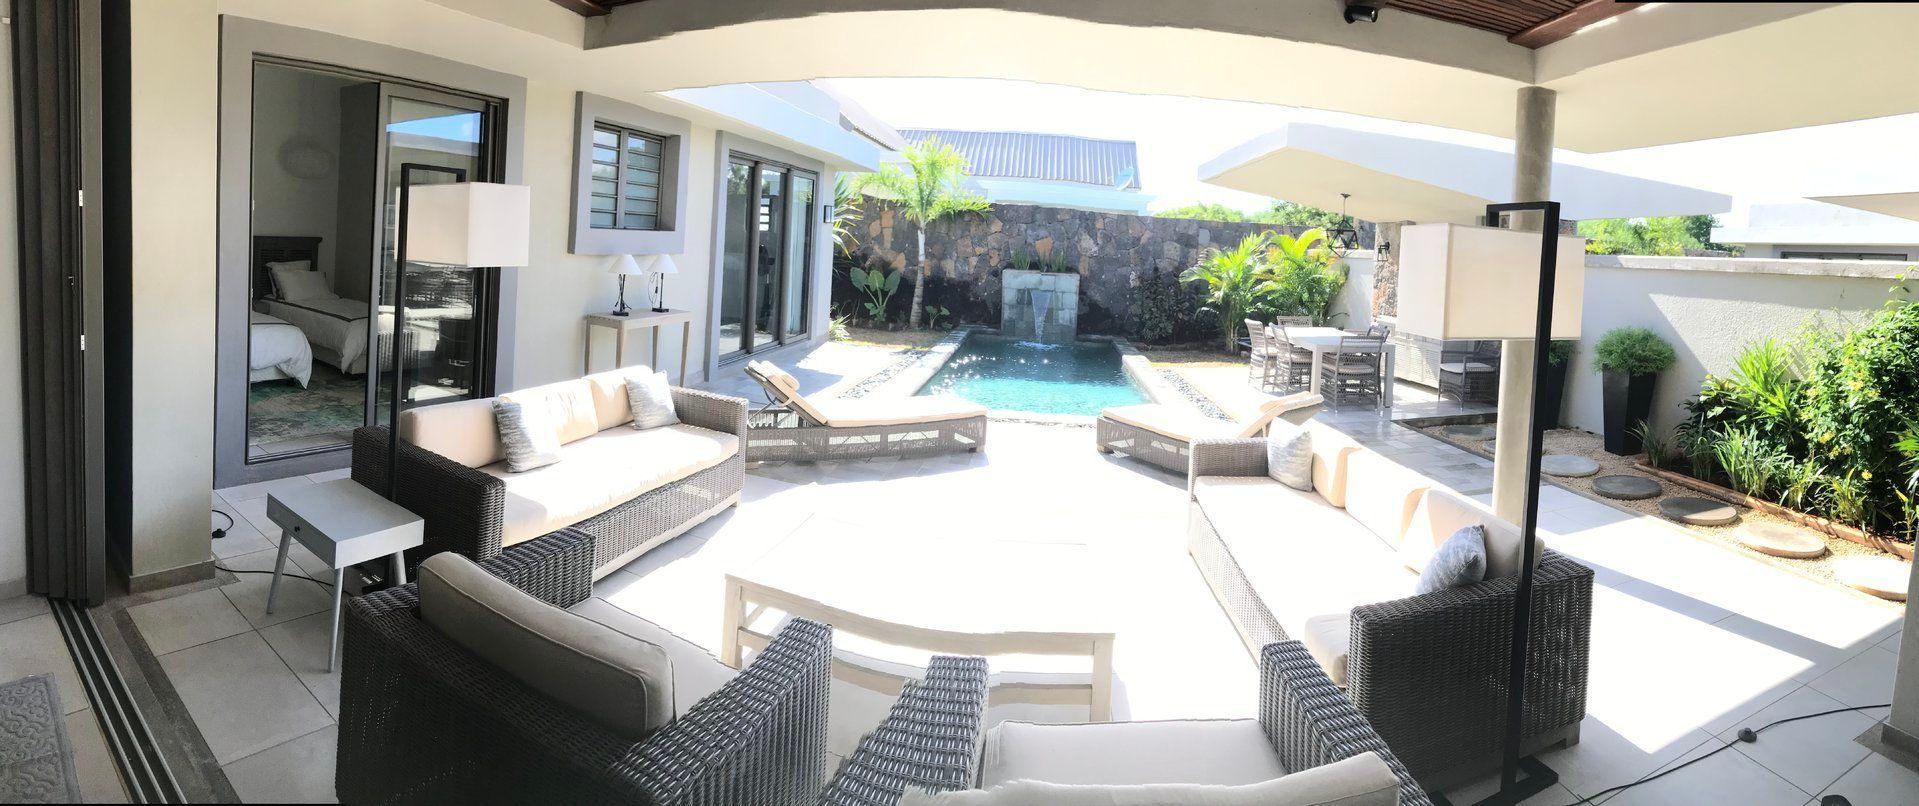 Maison à louer 4 380m2 à Ile Maurice vignette-25